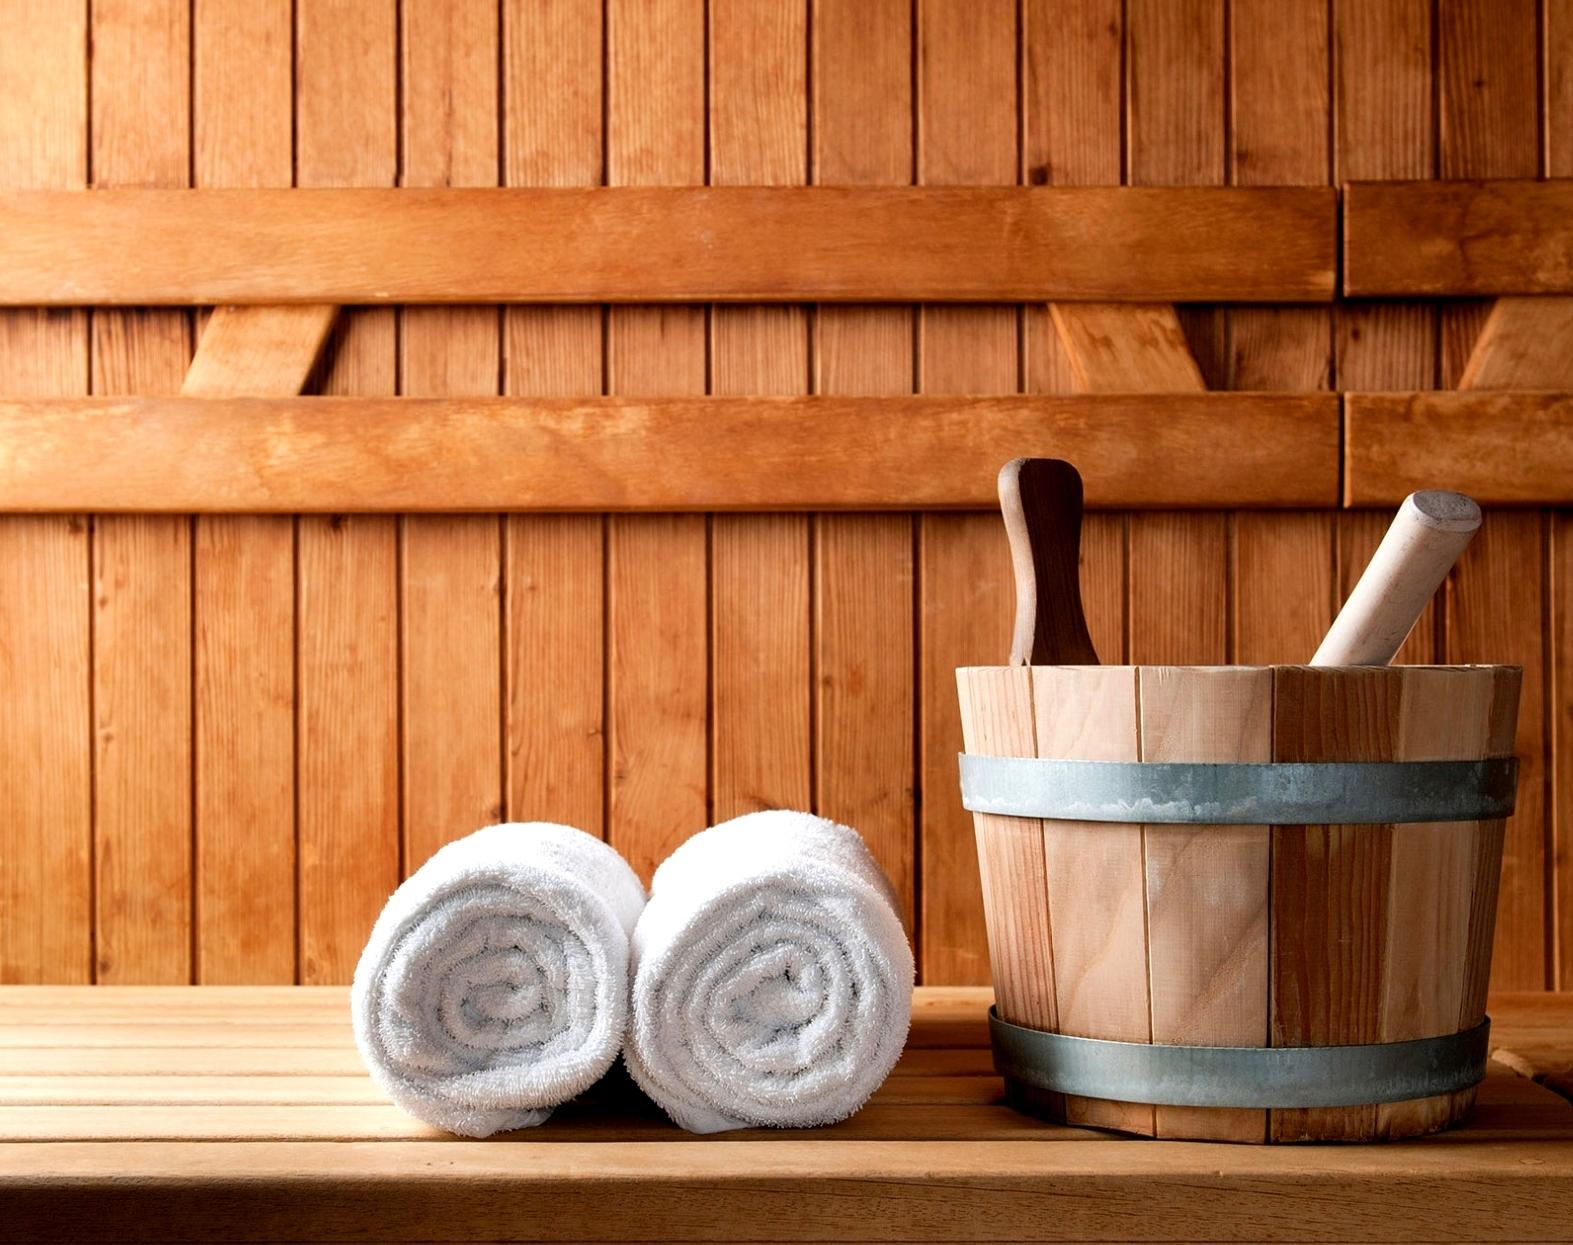 Идея бизнеса — открываем баню или сауну